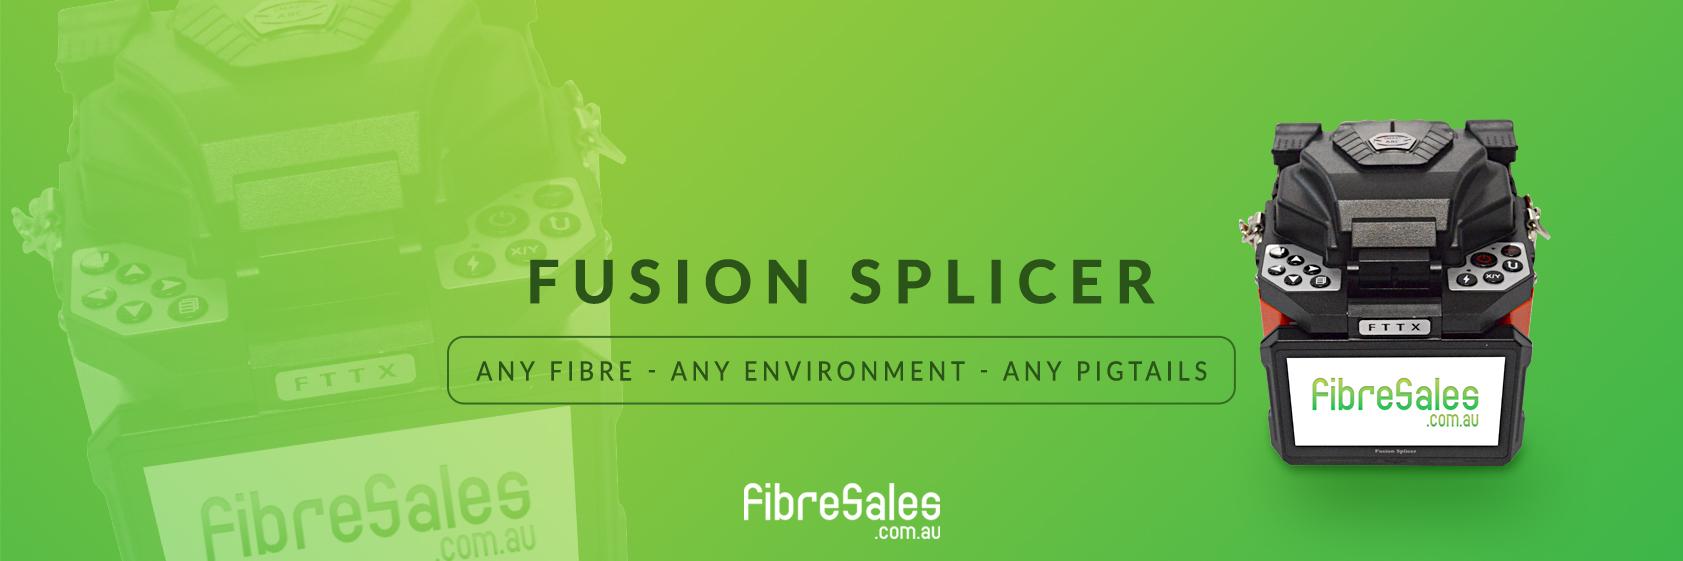 Fusion Splicer